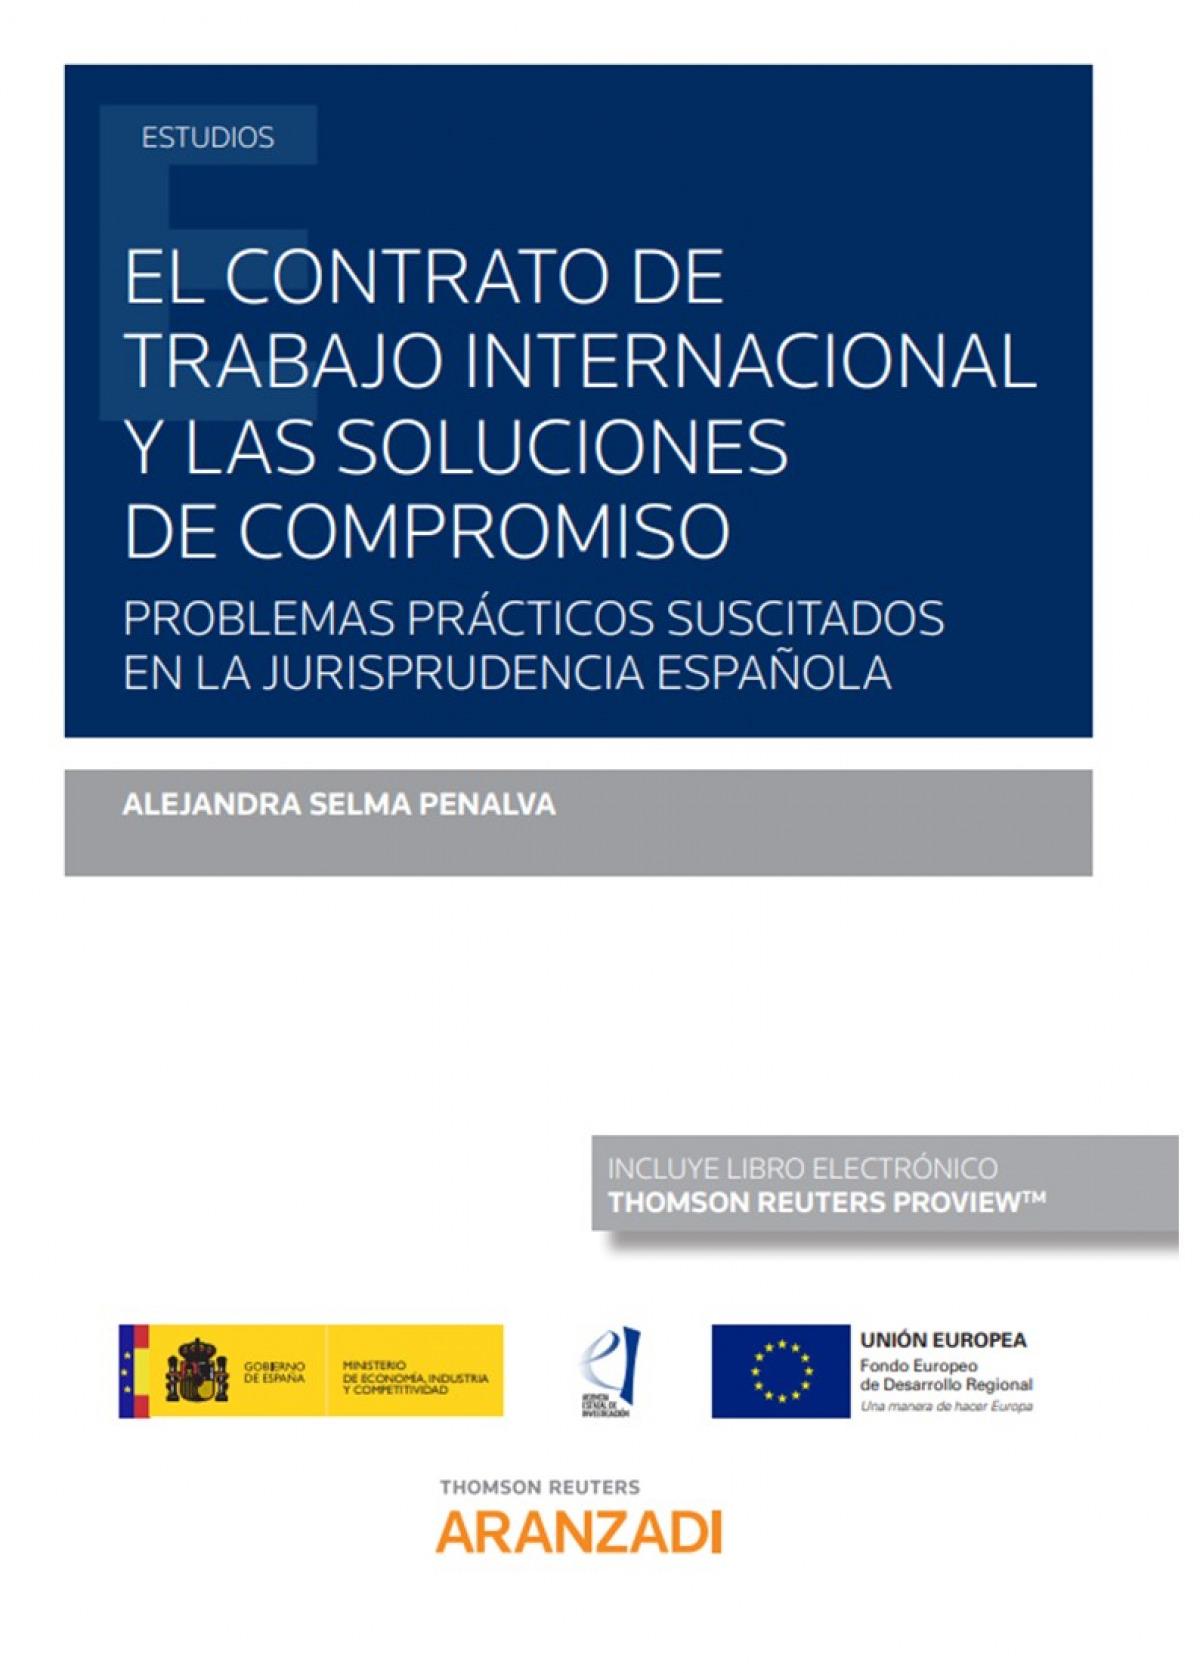 Contrato de trabajo internacional y las soluciones de compromiso, 9788413453187